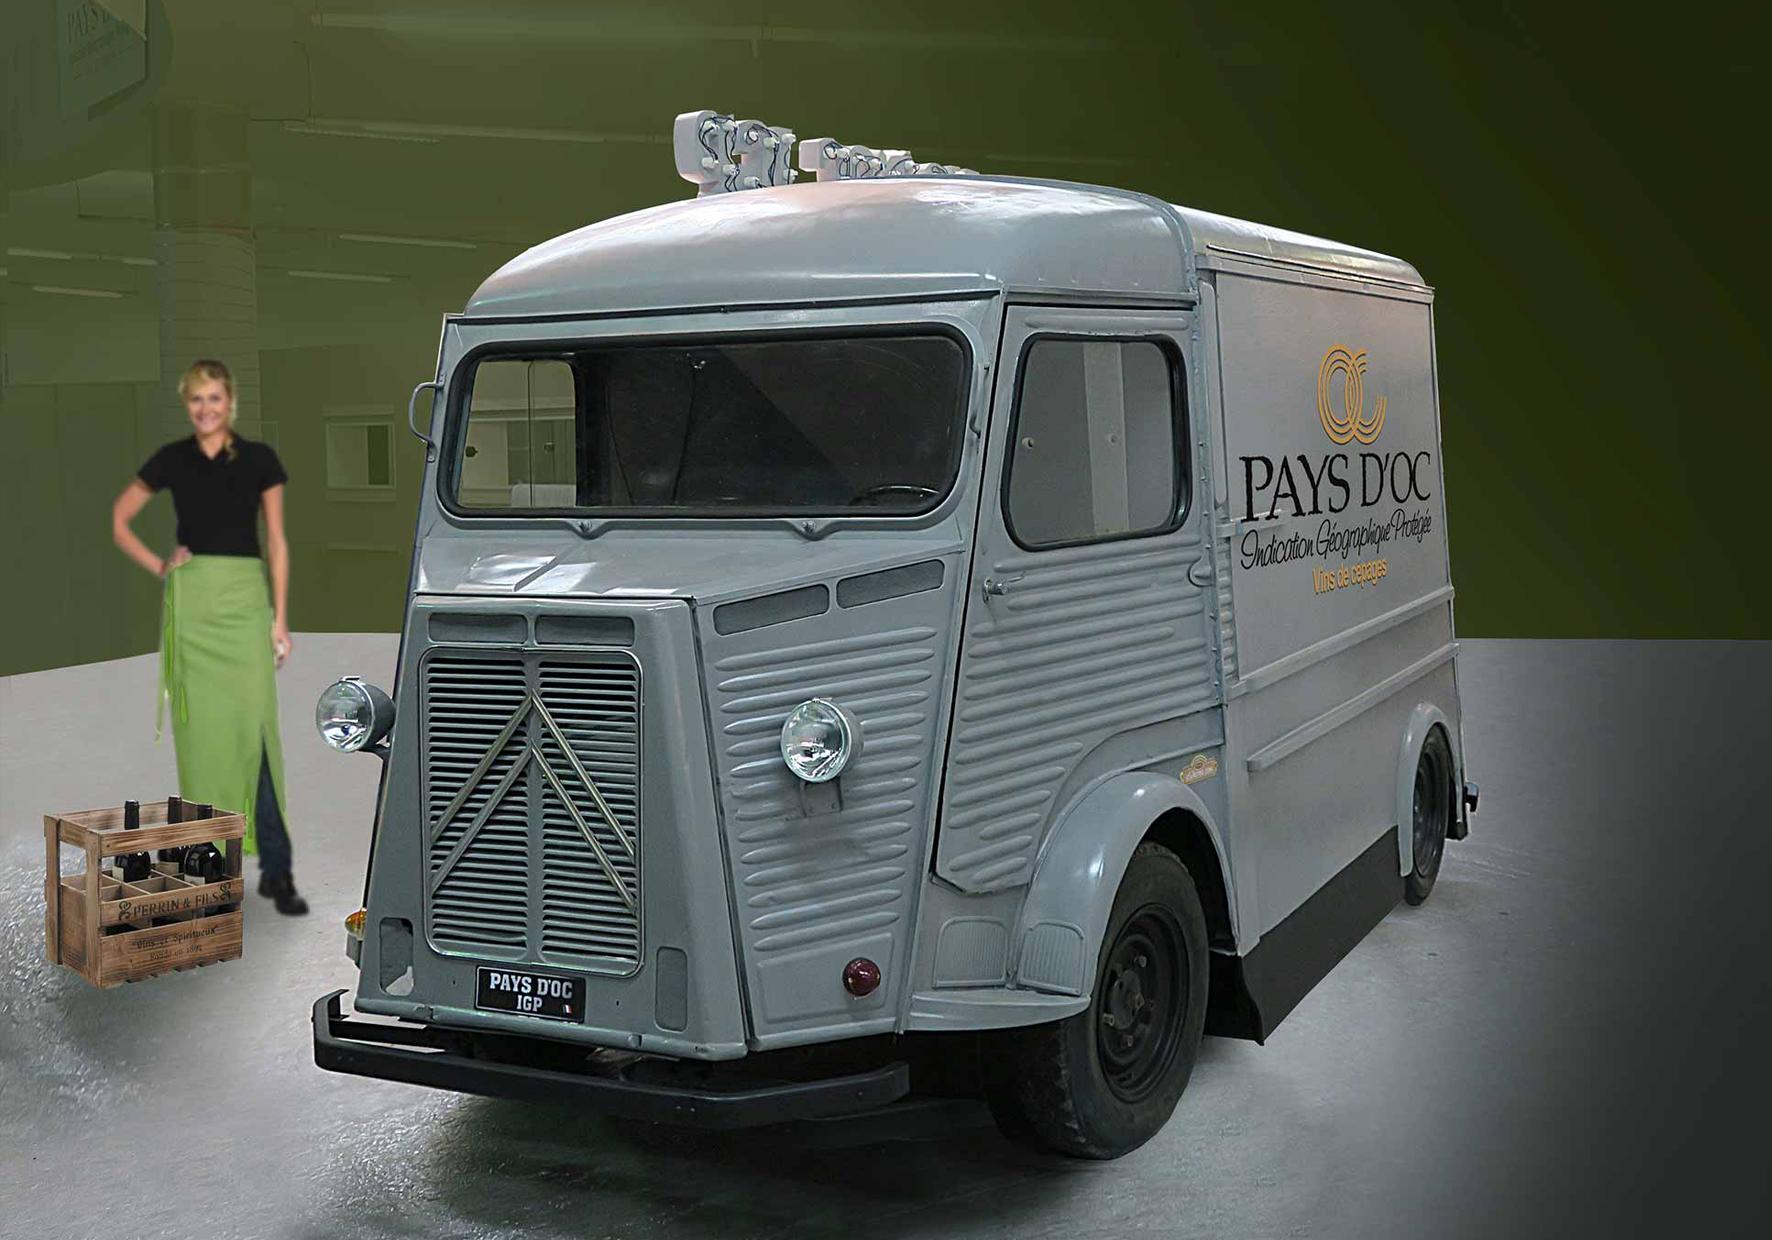 Wine truck restauré pour Pays d'Oc